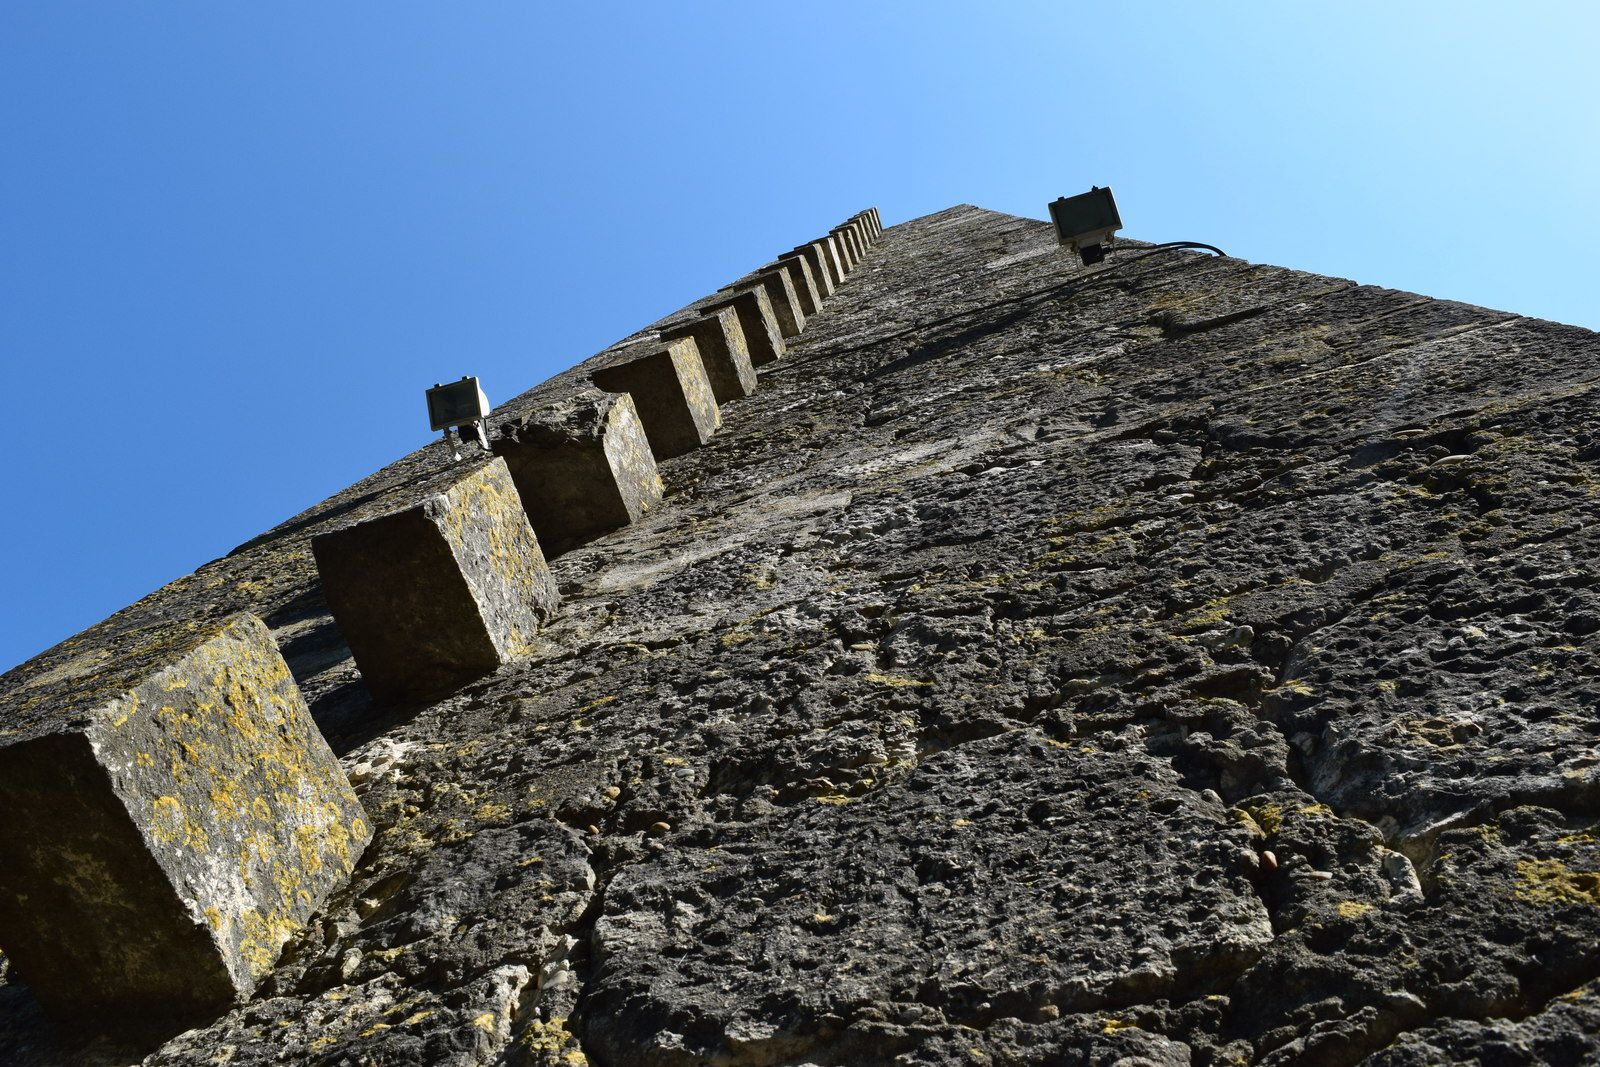 Sa face ouest présenteencore les pierres en boutisse* servant à l'escalier. (*BOUTISSE. Pierre dont la longueur se trouve dans l'épaisseur du mur et dont un des bouts est en parement.)